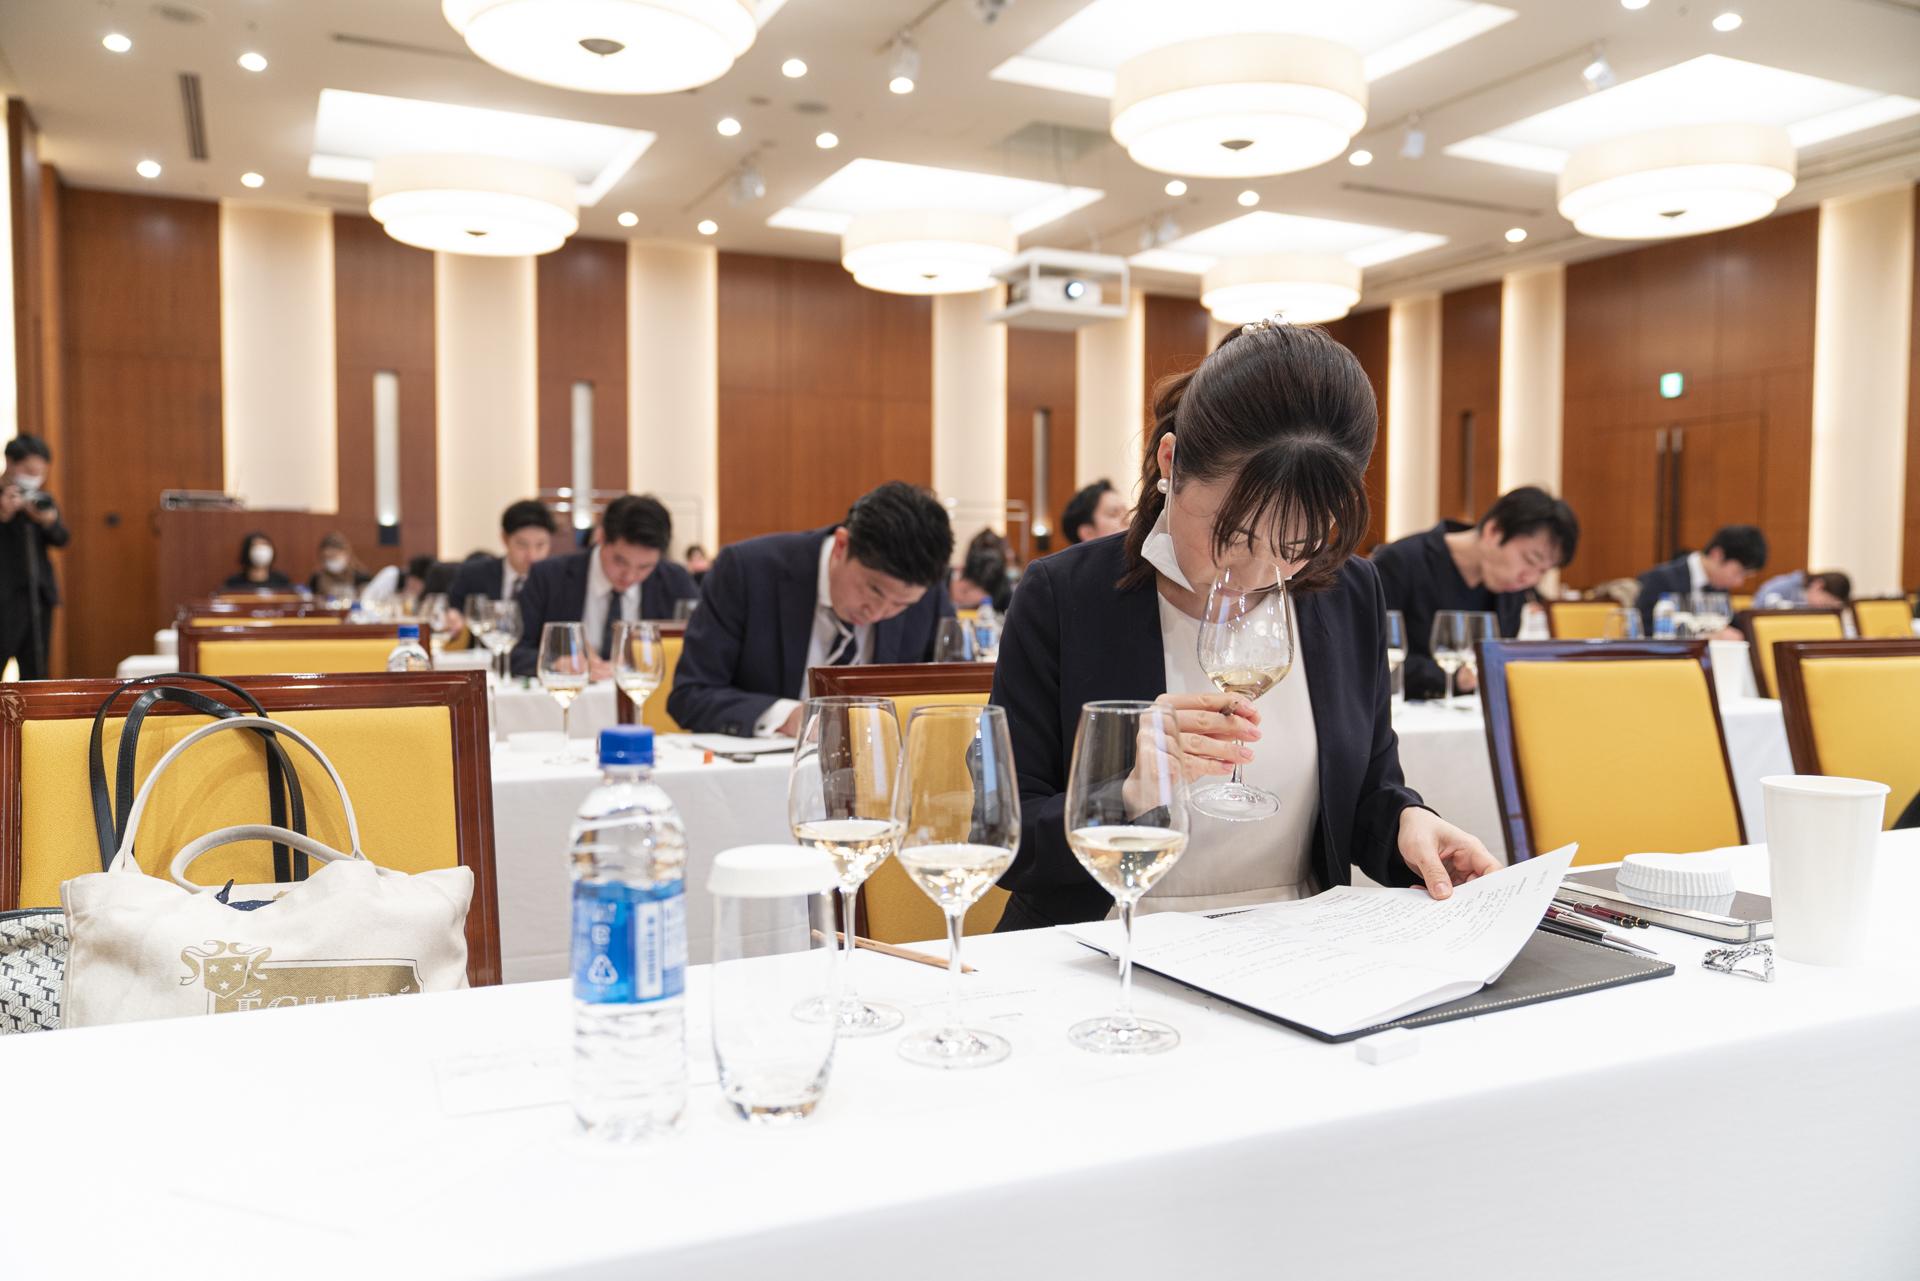 広い会場内で参加者がワインテイスティングをしている様子の写真